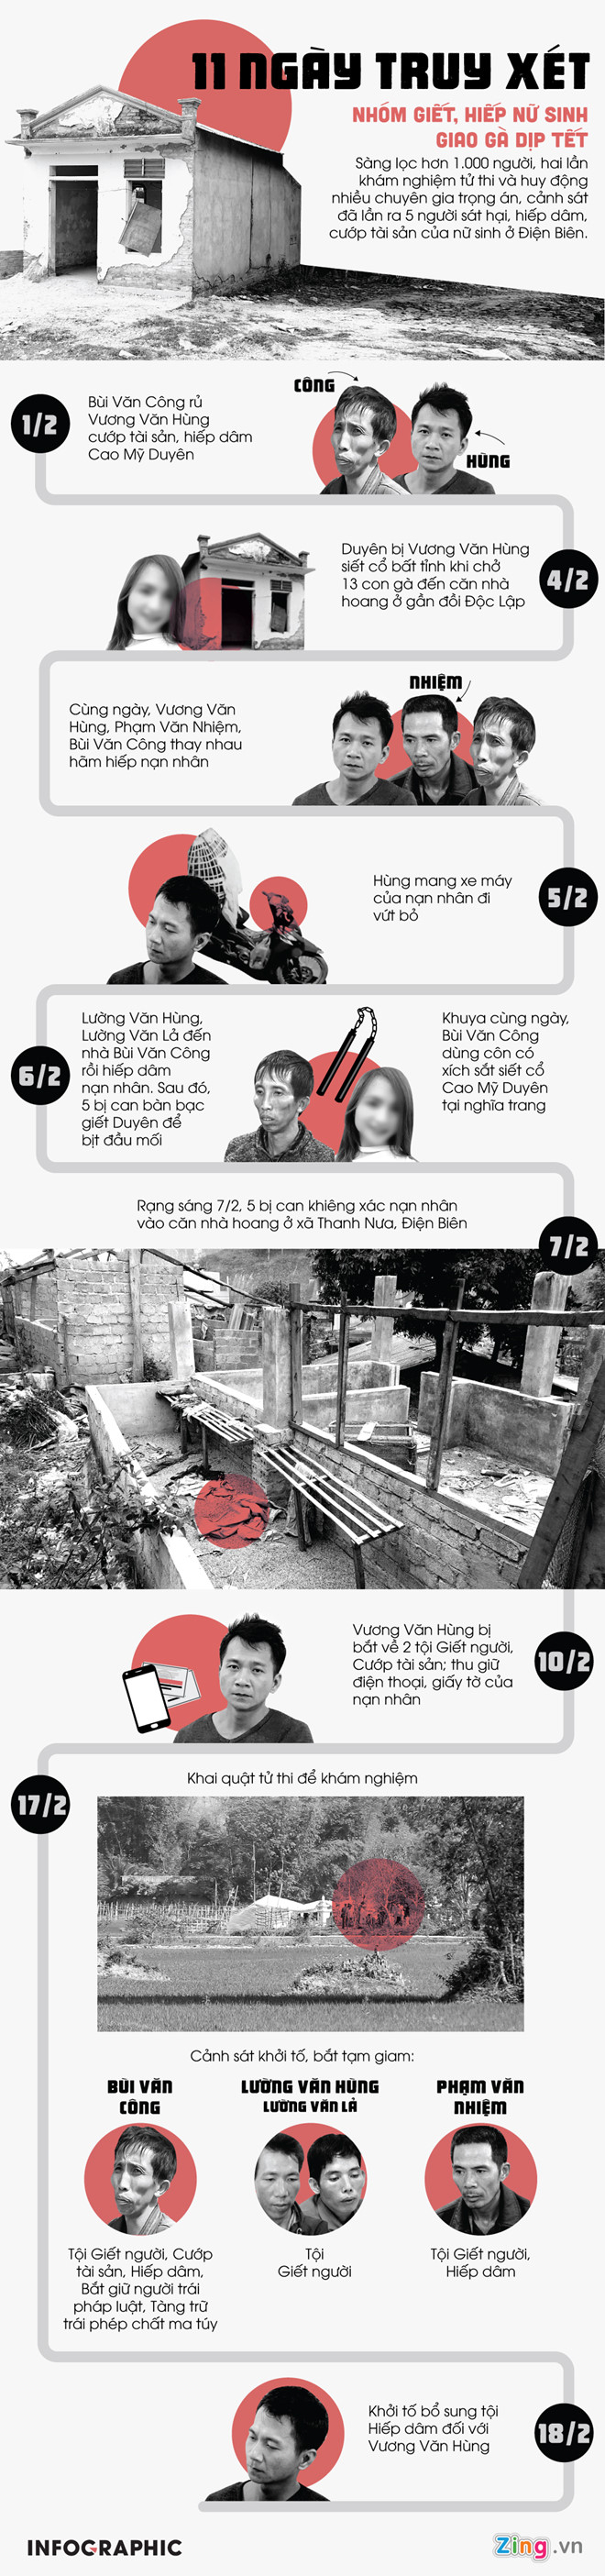 Ban chuyên án phá vụ nữ sinh Cao Mỹ Duyên bị sát hại xứng đáng được biểu dương